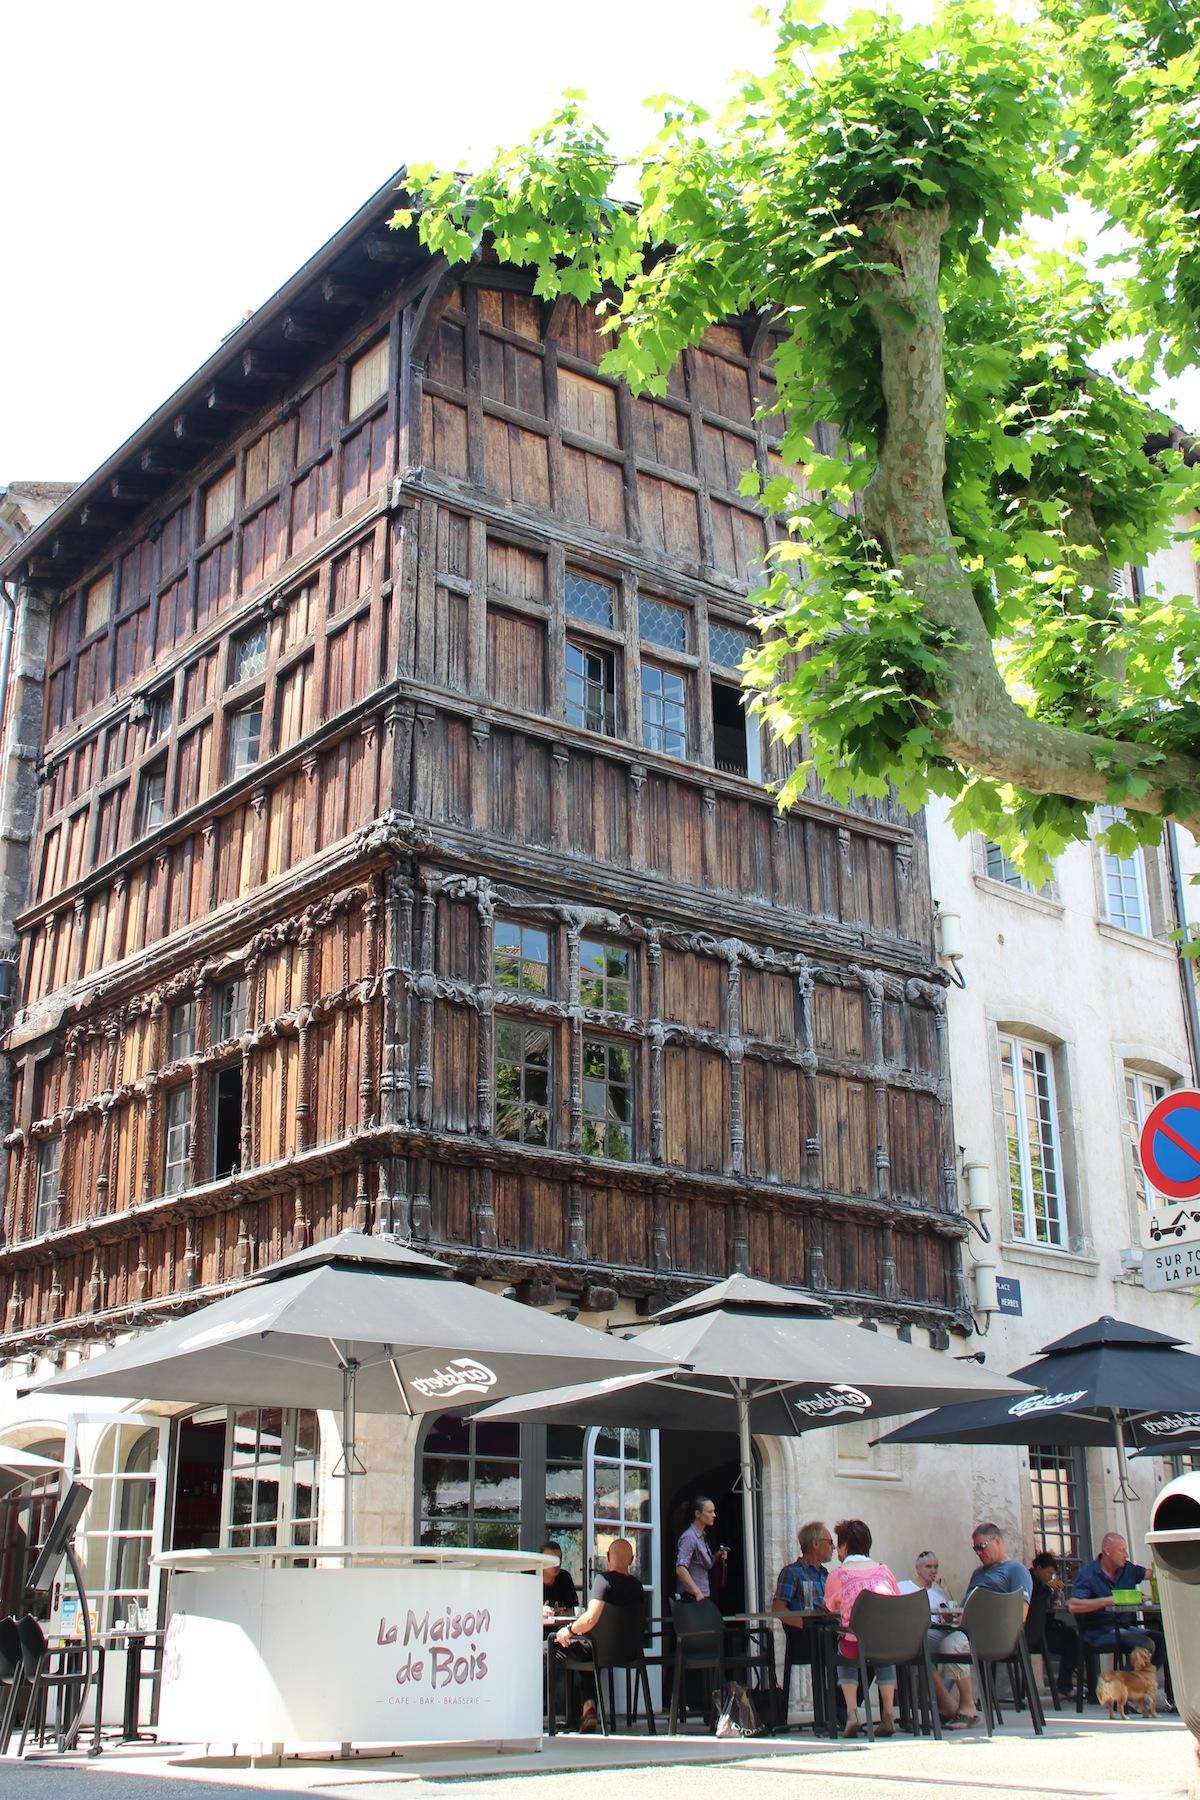 M con curieuse et gourmande maison de bois l actualit - La maison de bois macon ...